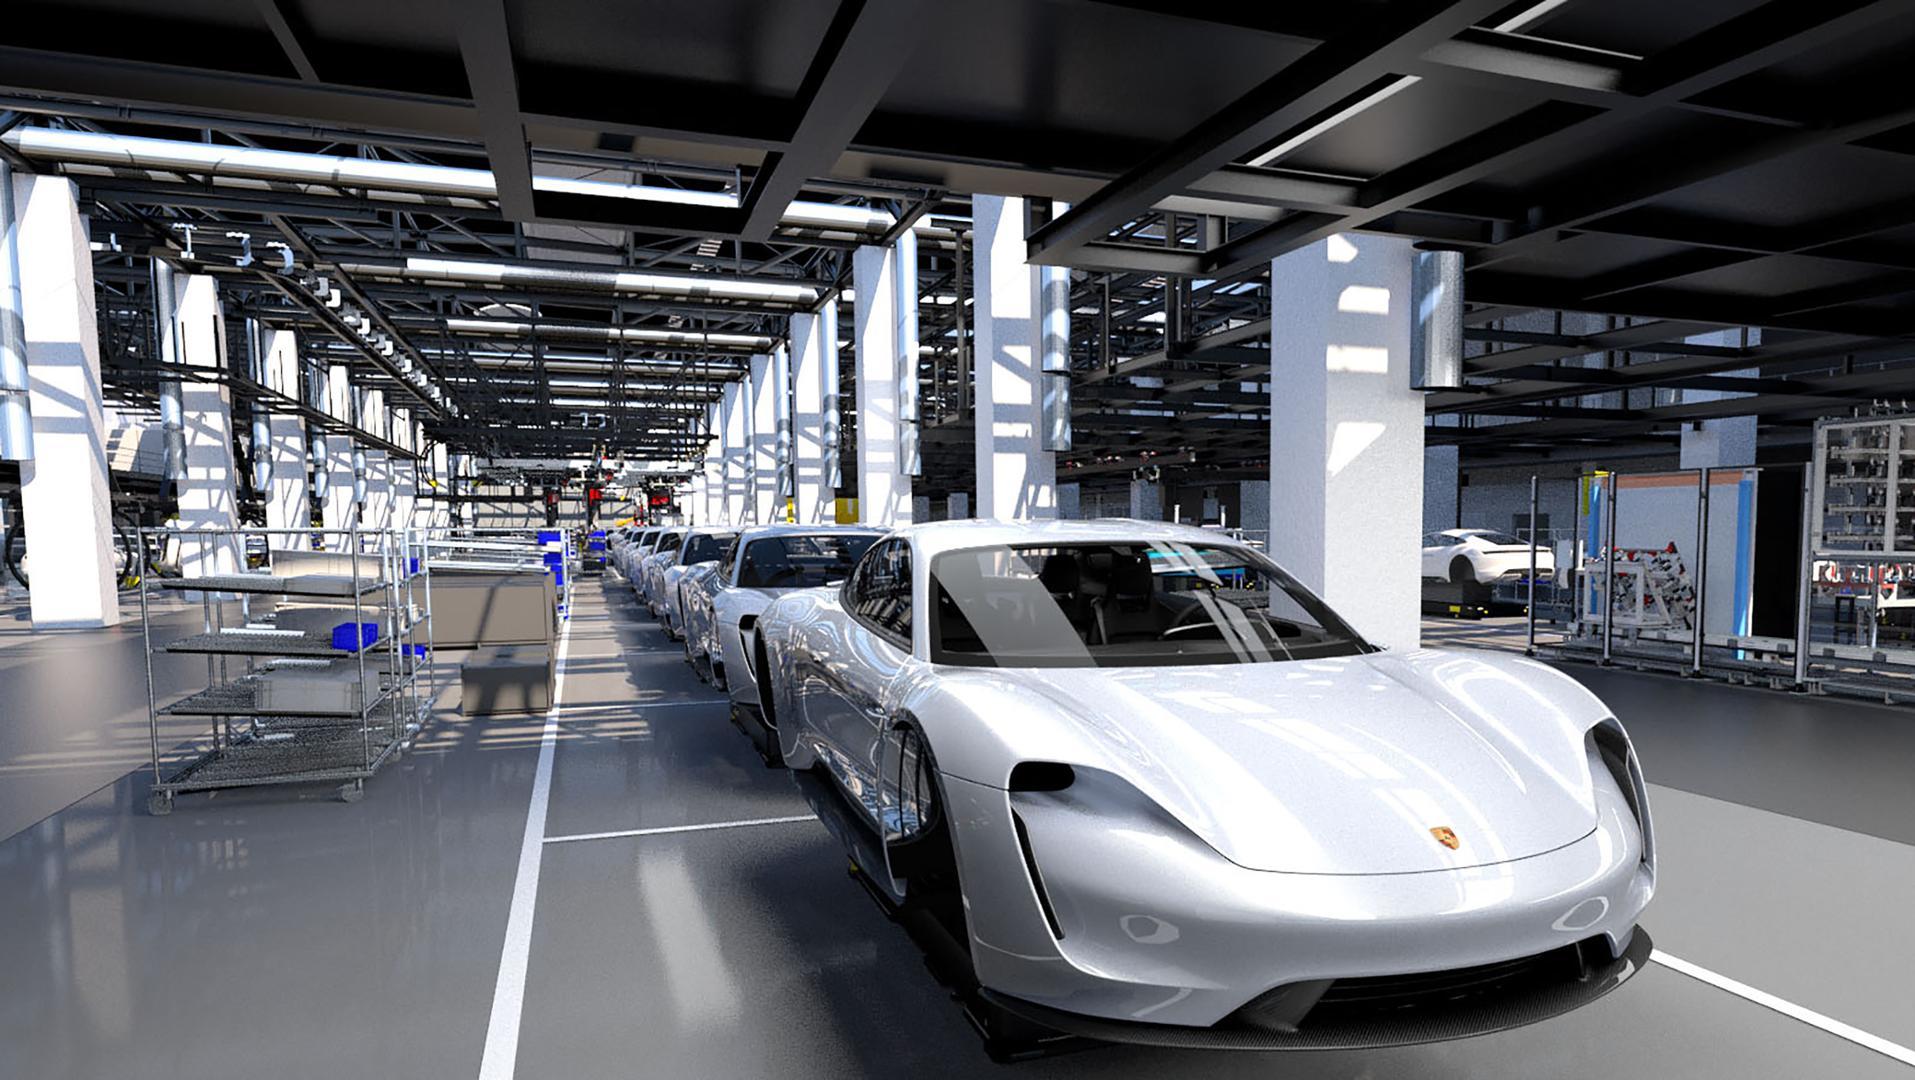 Porsche Definitively Enters the Electric Era